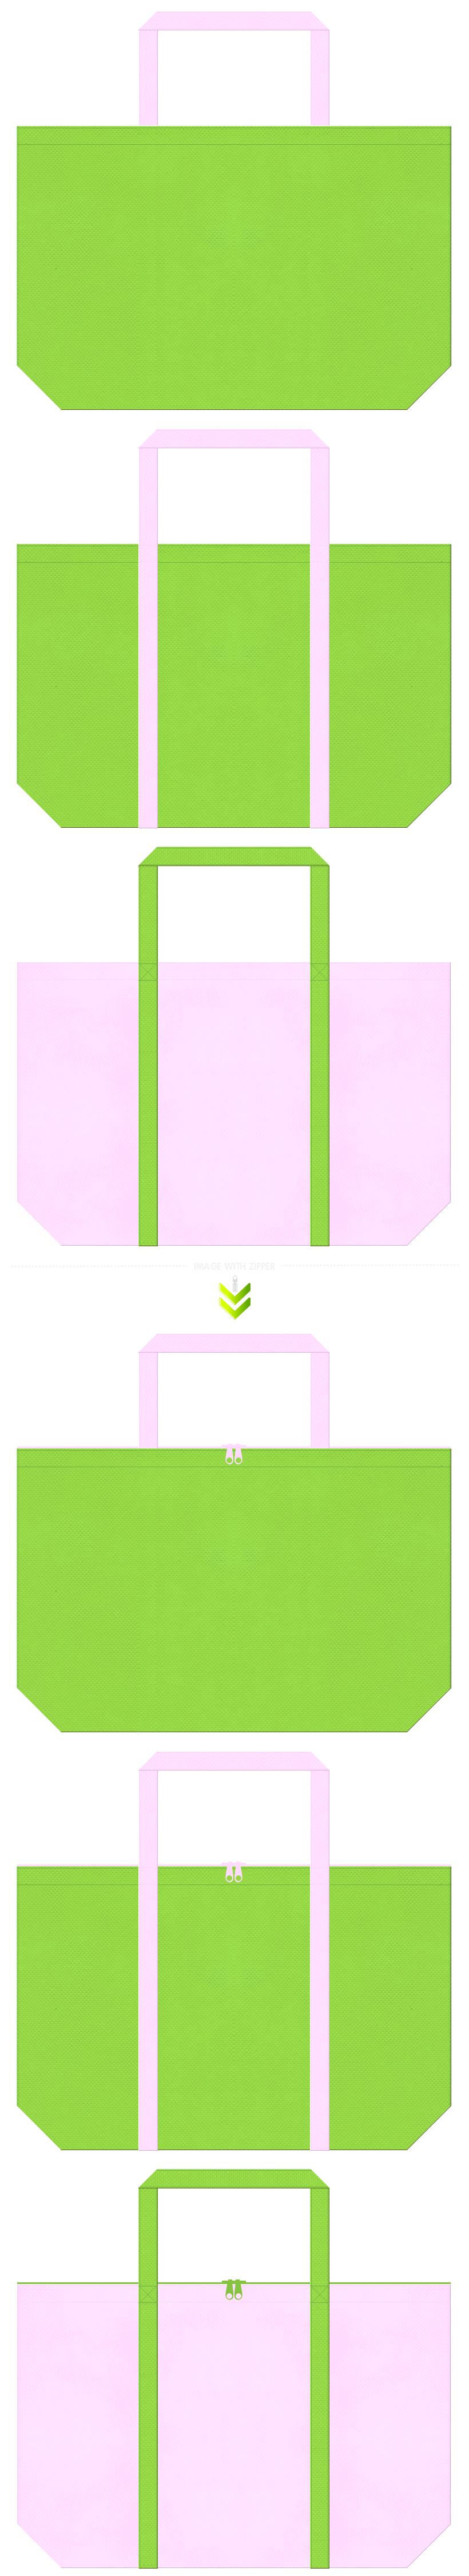 黄緑色と明るいピンク色の不織布エコバッグのデザイン。紫陽花風の配色です。